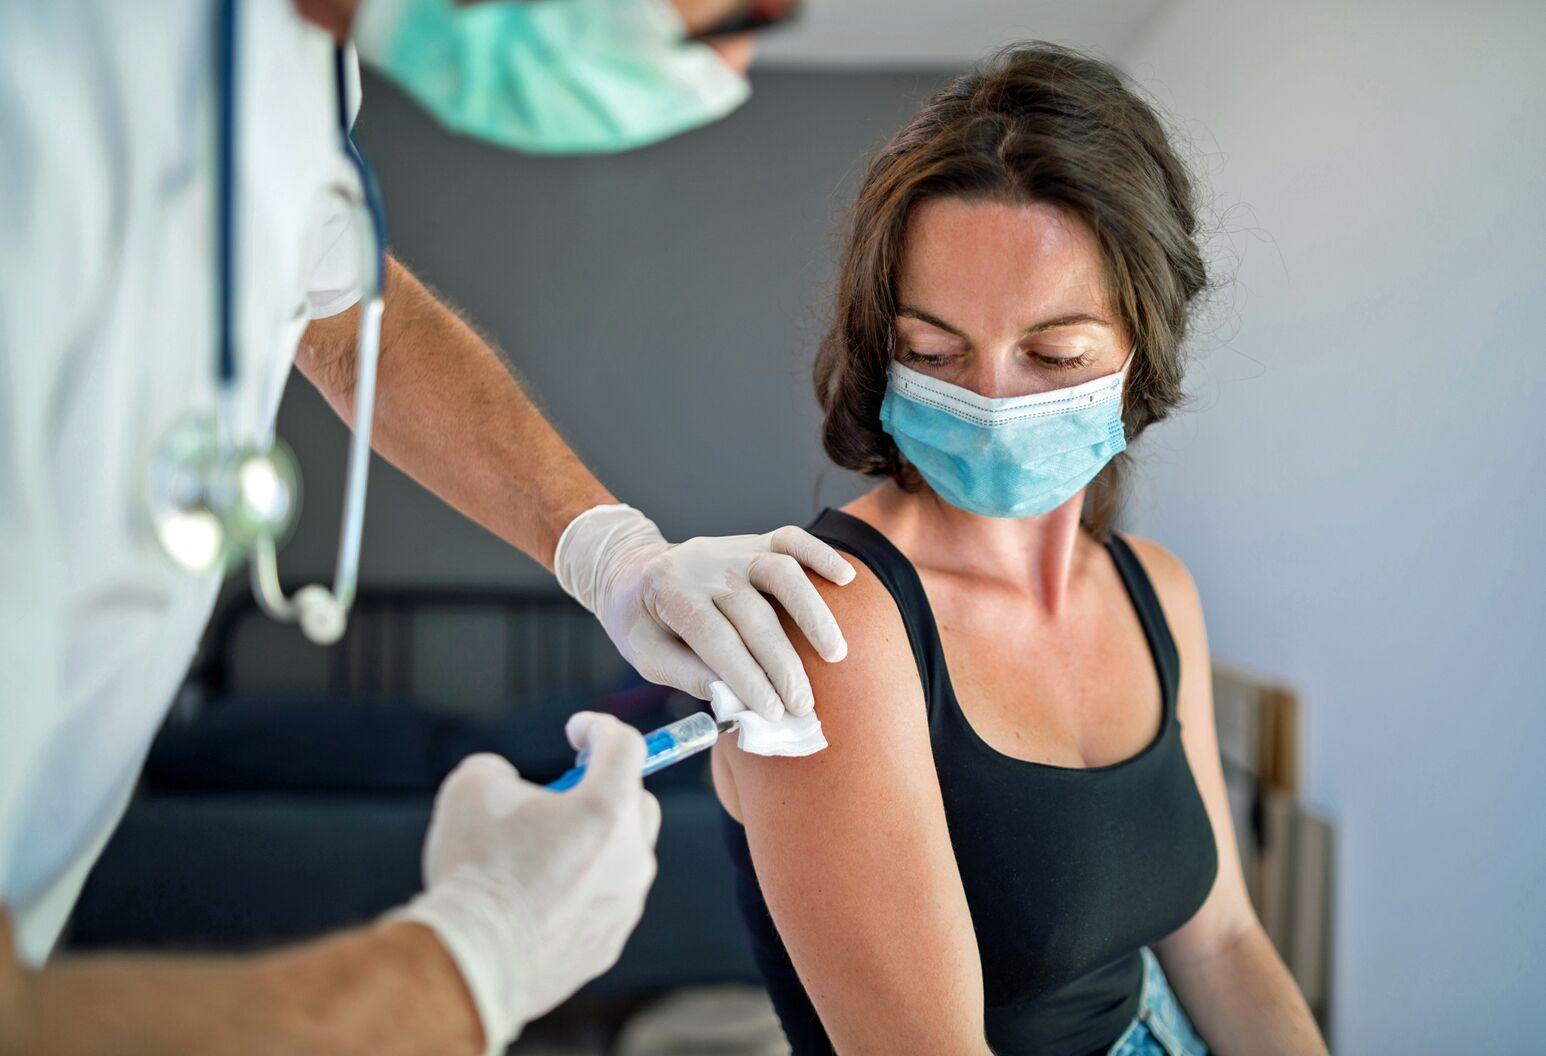 Hiệu quả khi tiêm 2 mũi vaccine Pfizer, AstraZeneca đối với biến chủng Covid-19 từ Ấn Độ - 1